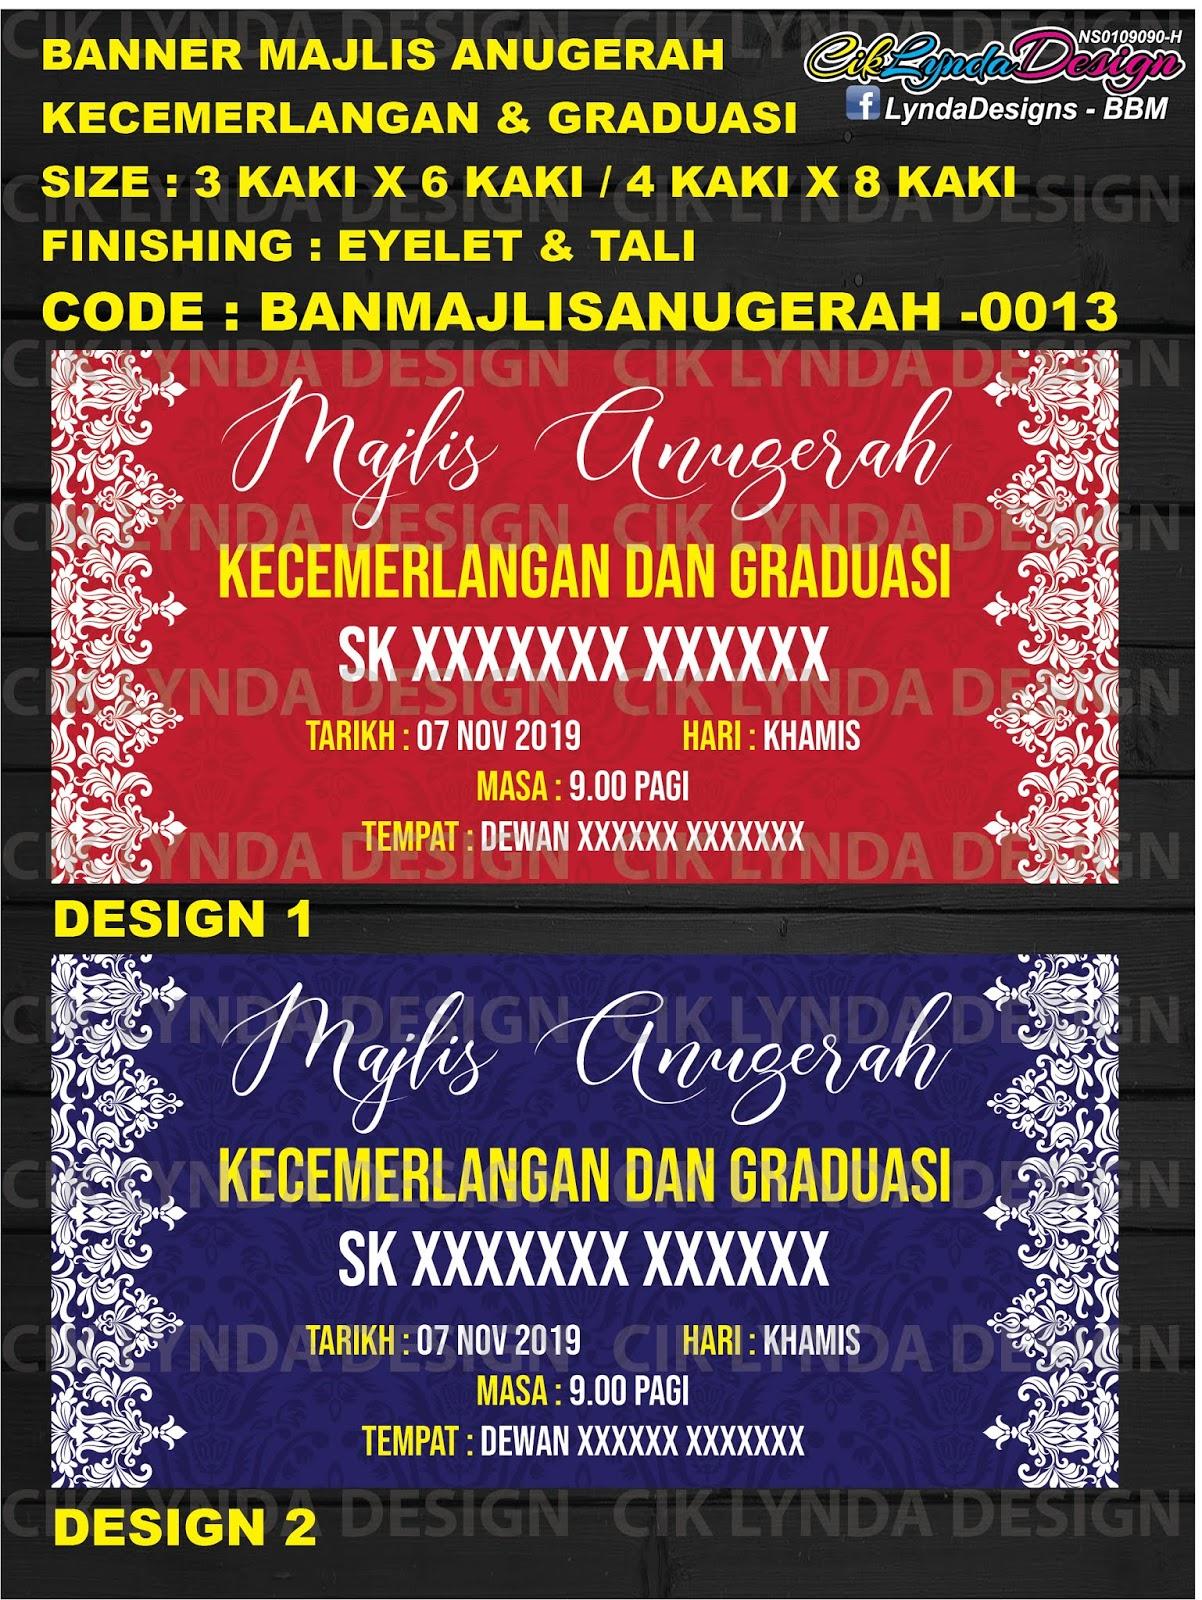 Ciklynda Design Bbm Banner Bunting Sekolah Banner Majlis Anugerah Kecemerlangan Graduasi Update 2019